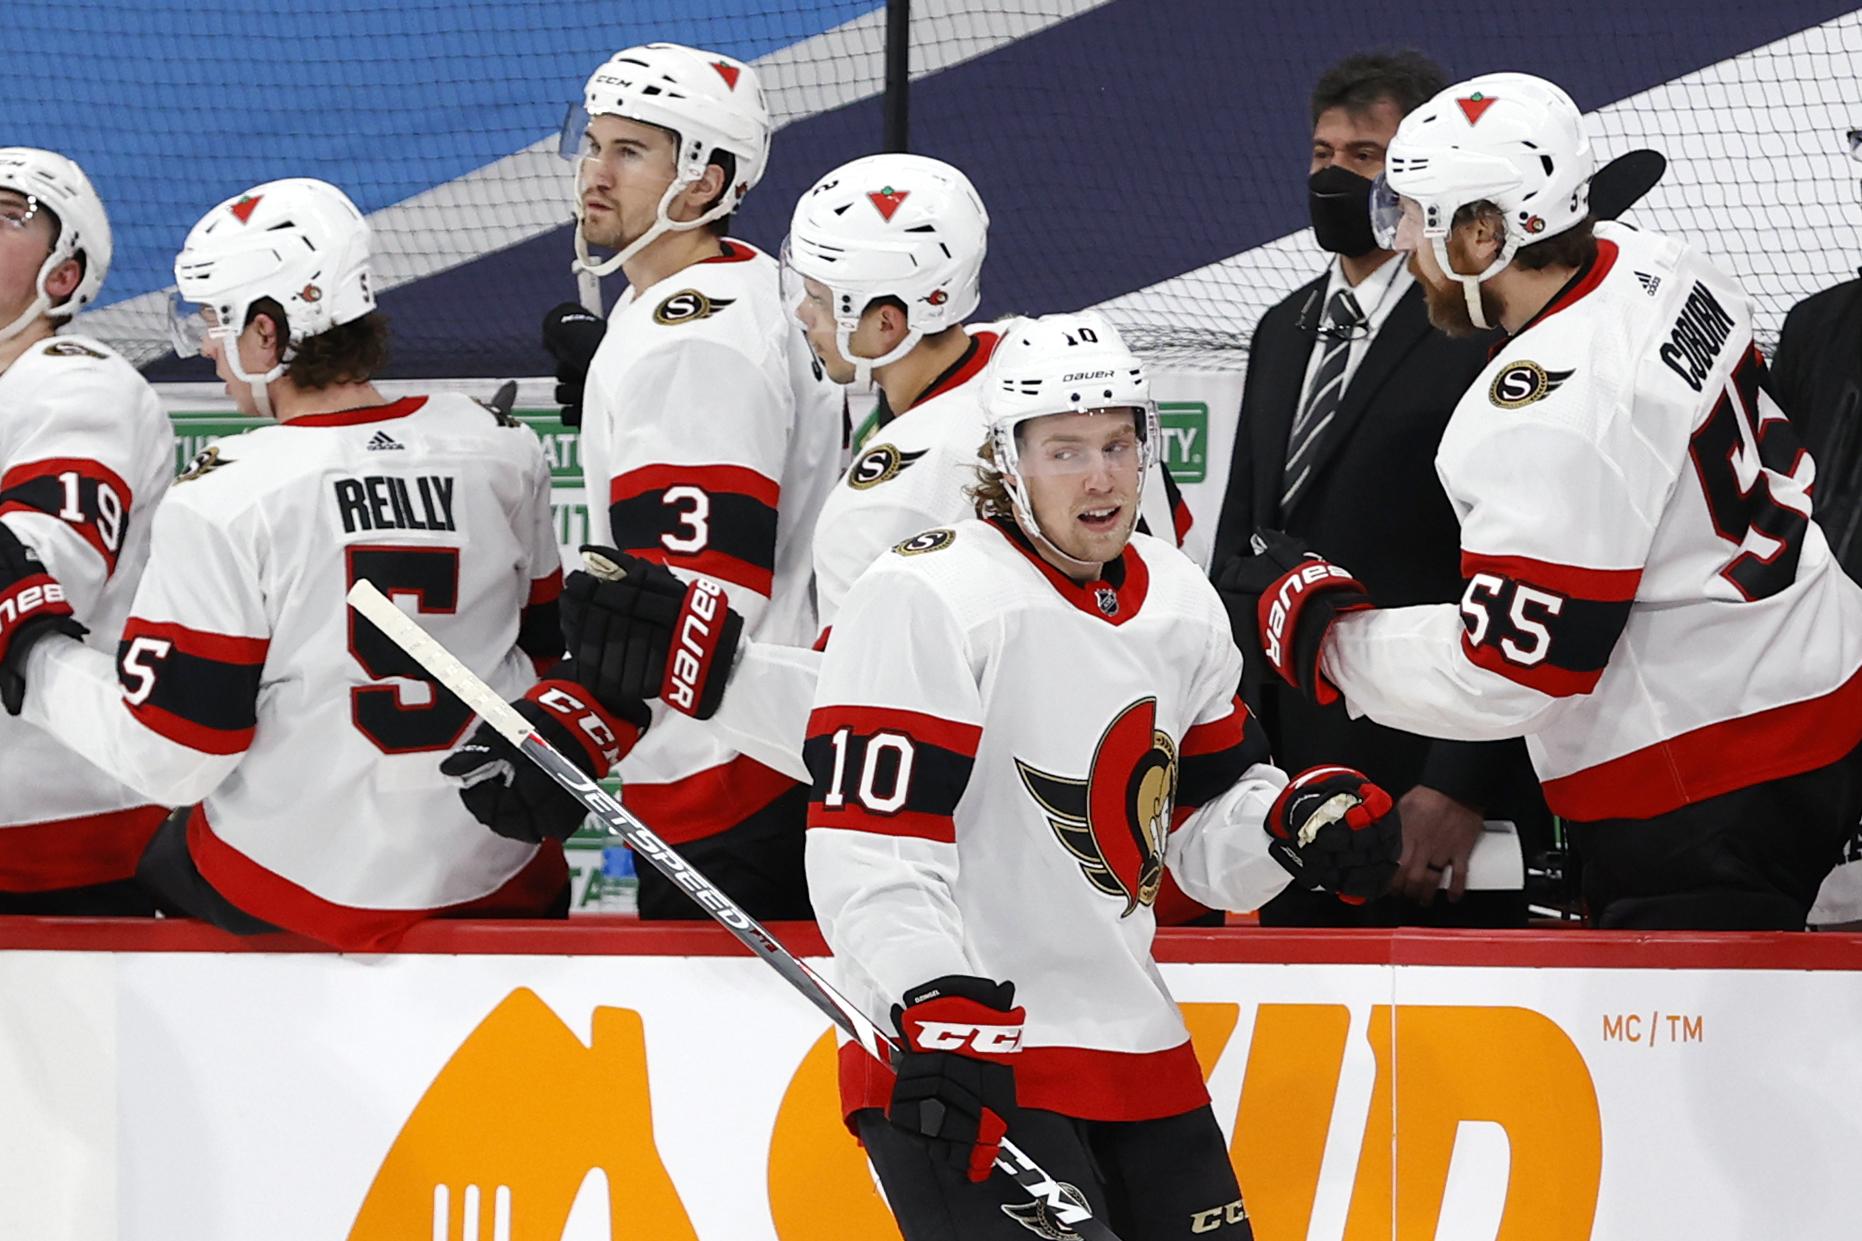 NHL: Ottawa Senators at Winnipeg Jets